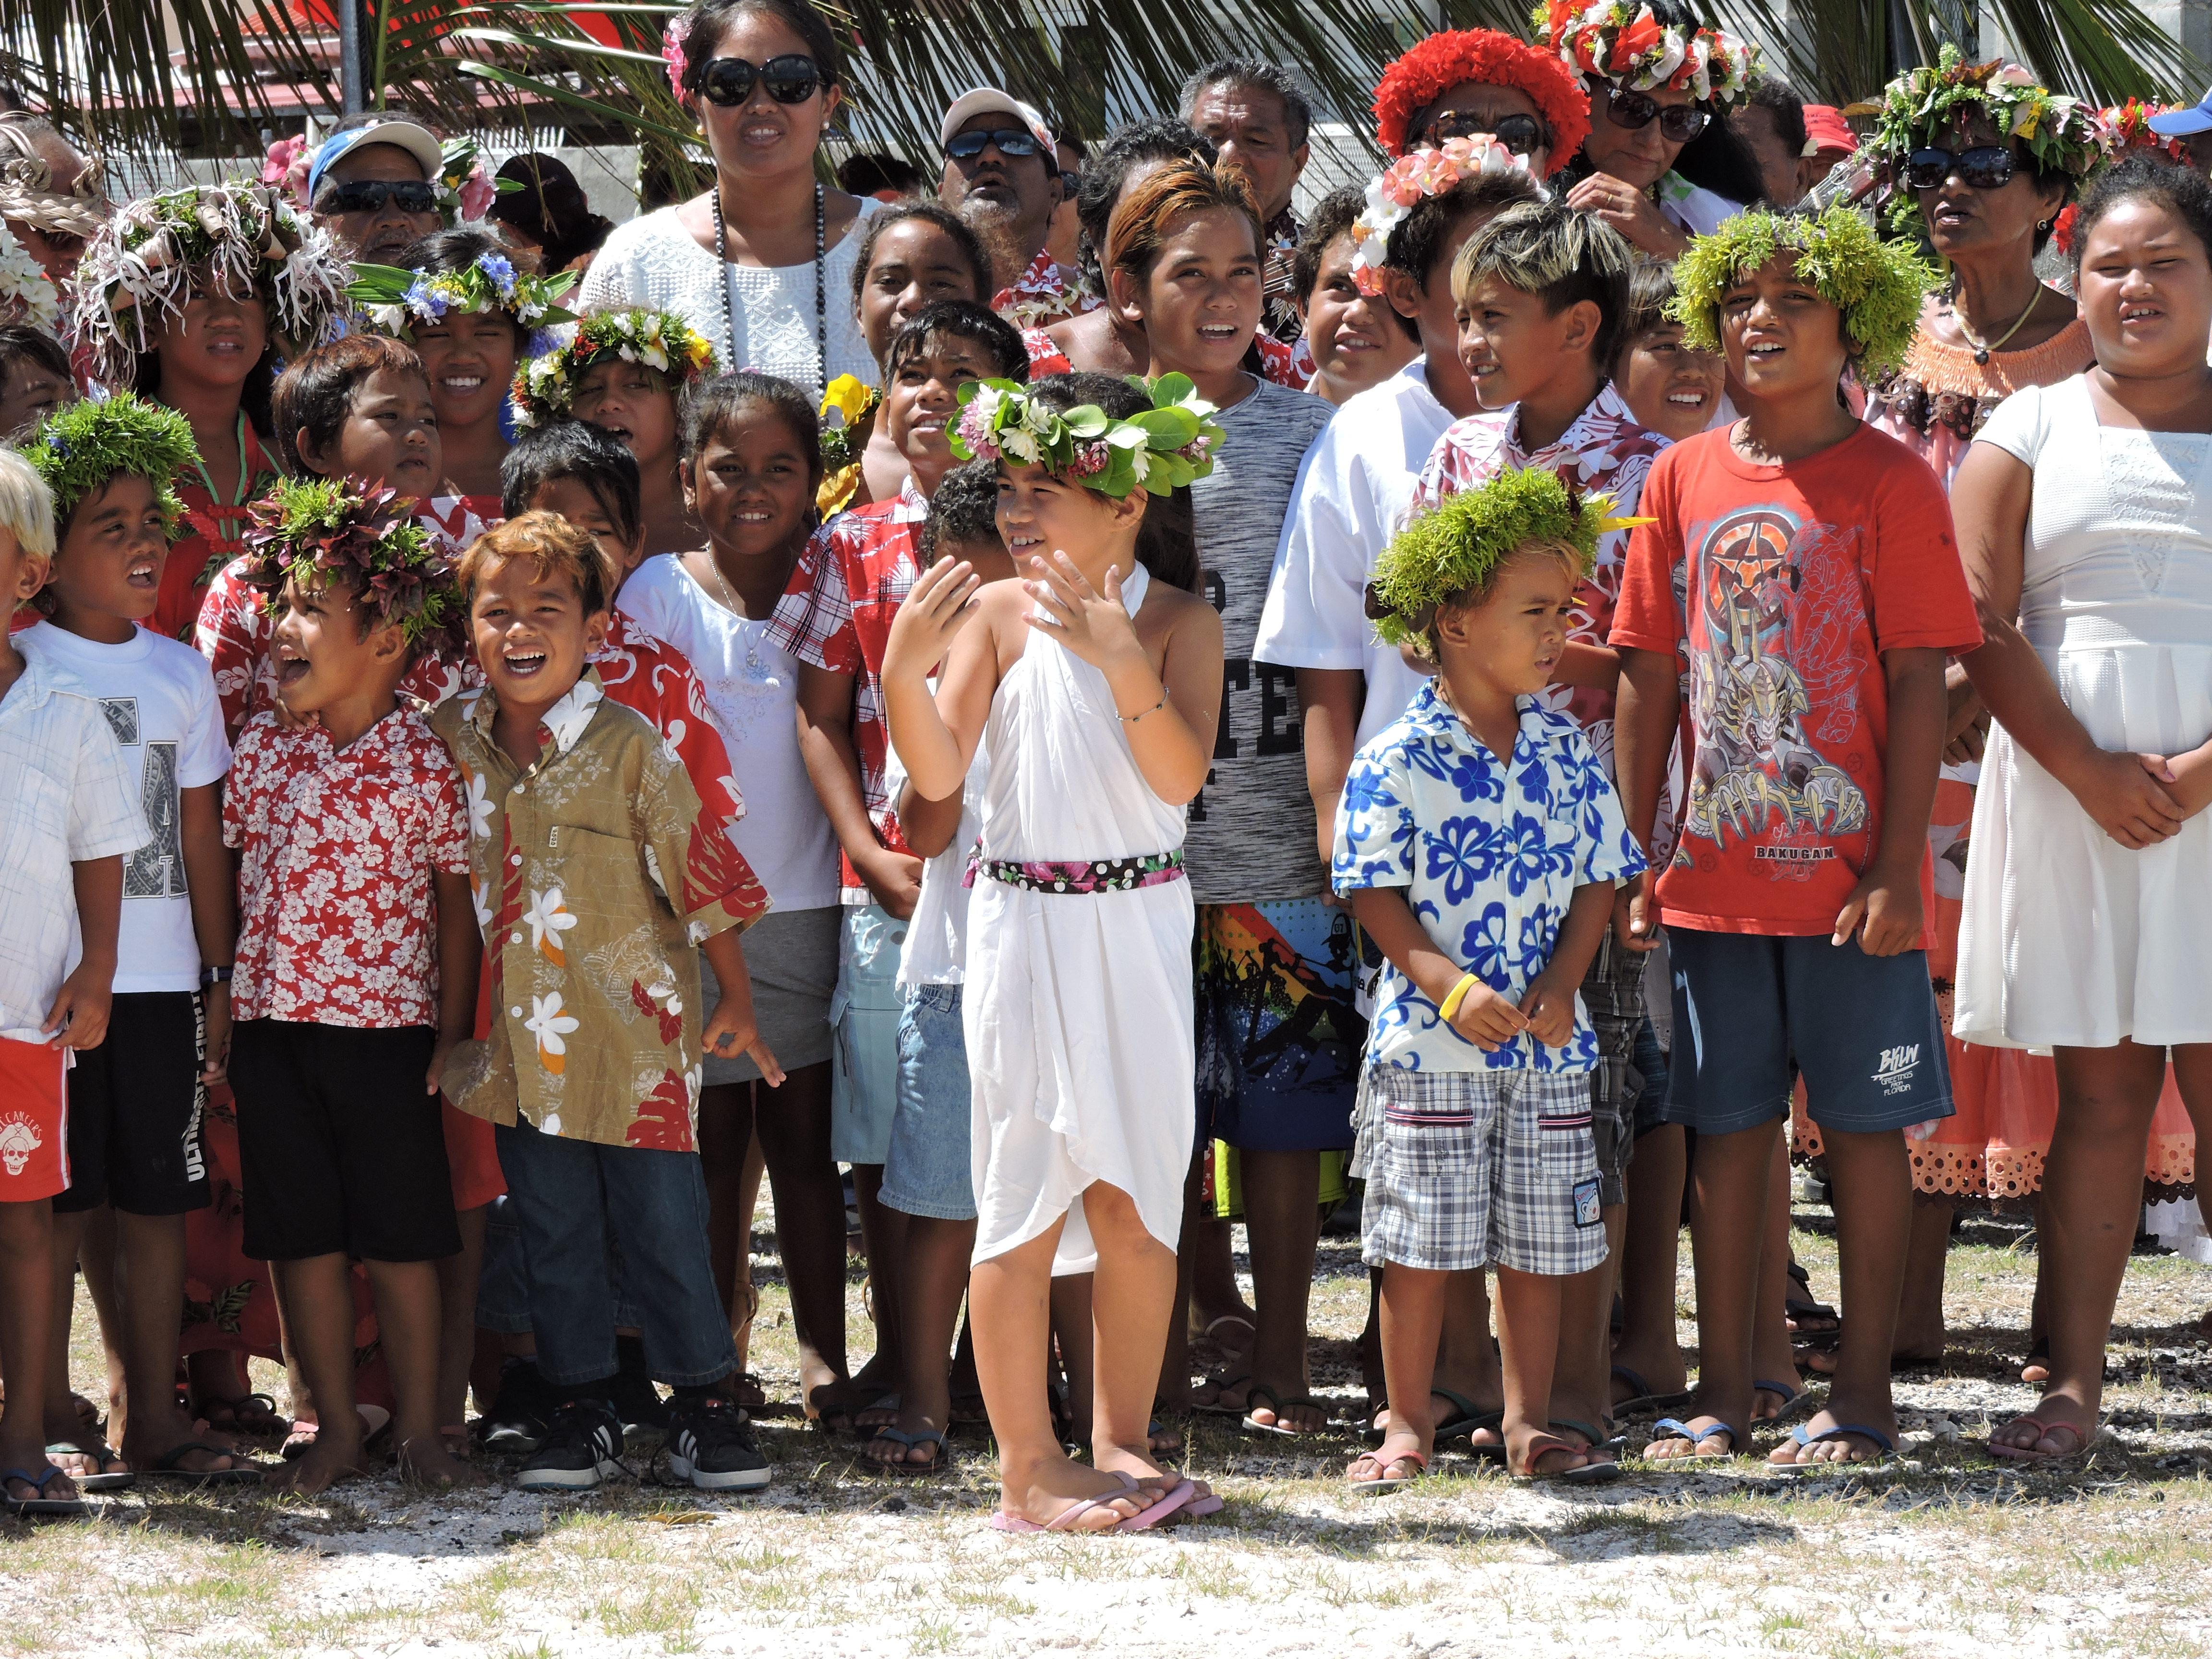 """""""Beaucoup d'îles n'ont même pas de collèges et les enfants doivent quitter leurs îles et leurs familles dès l'âge de 10 ans"""", regrette Transitions Sans Frontières - Oti'a 'Ore."""